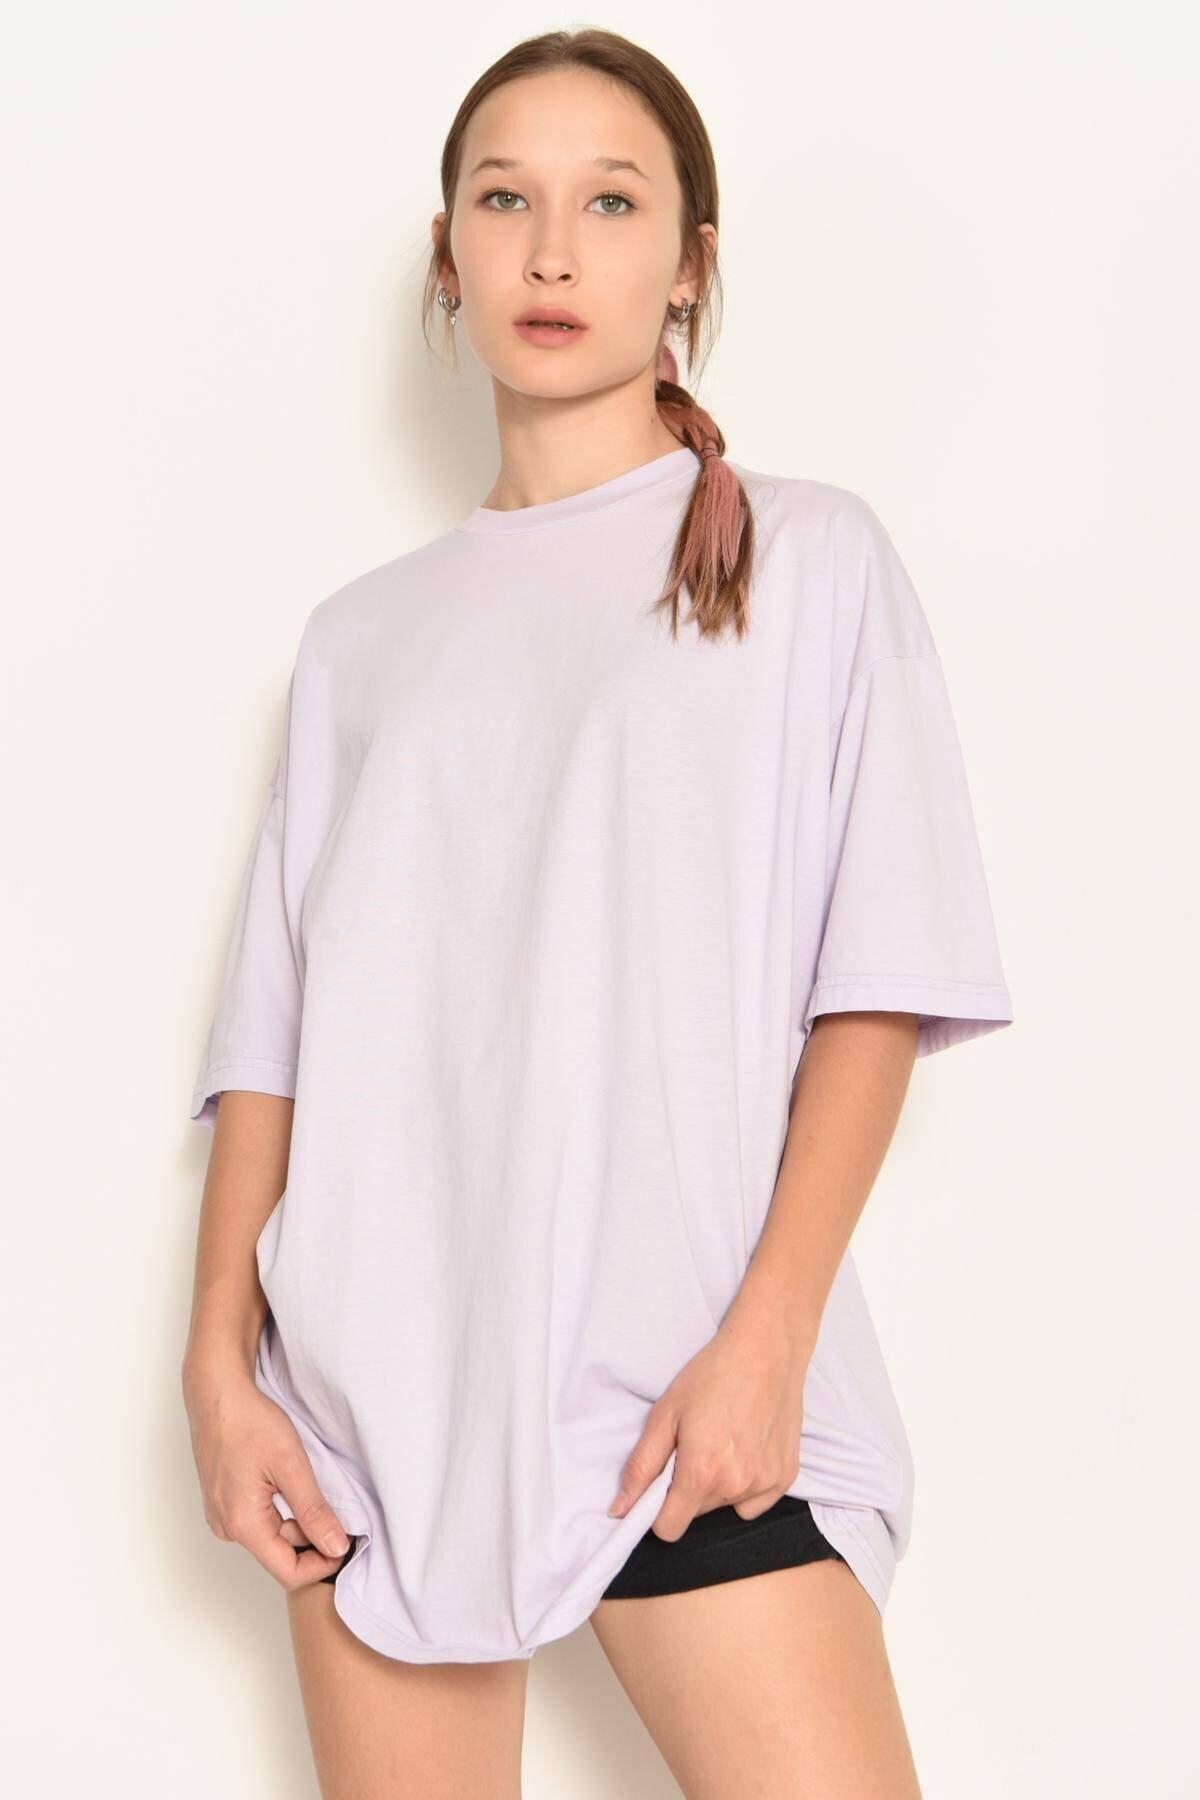 Addax Basic T-shirt P0948 - Y1 2